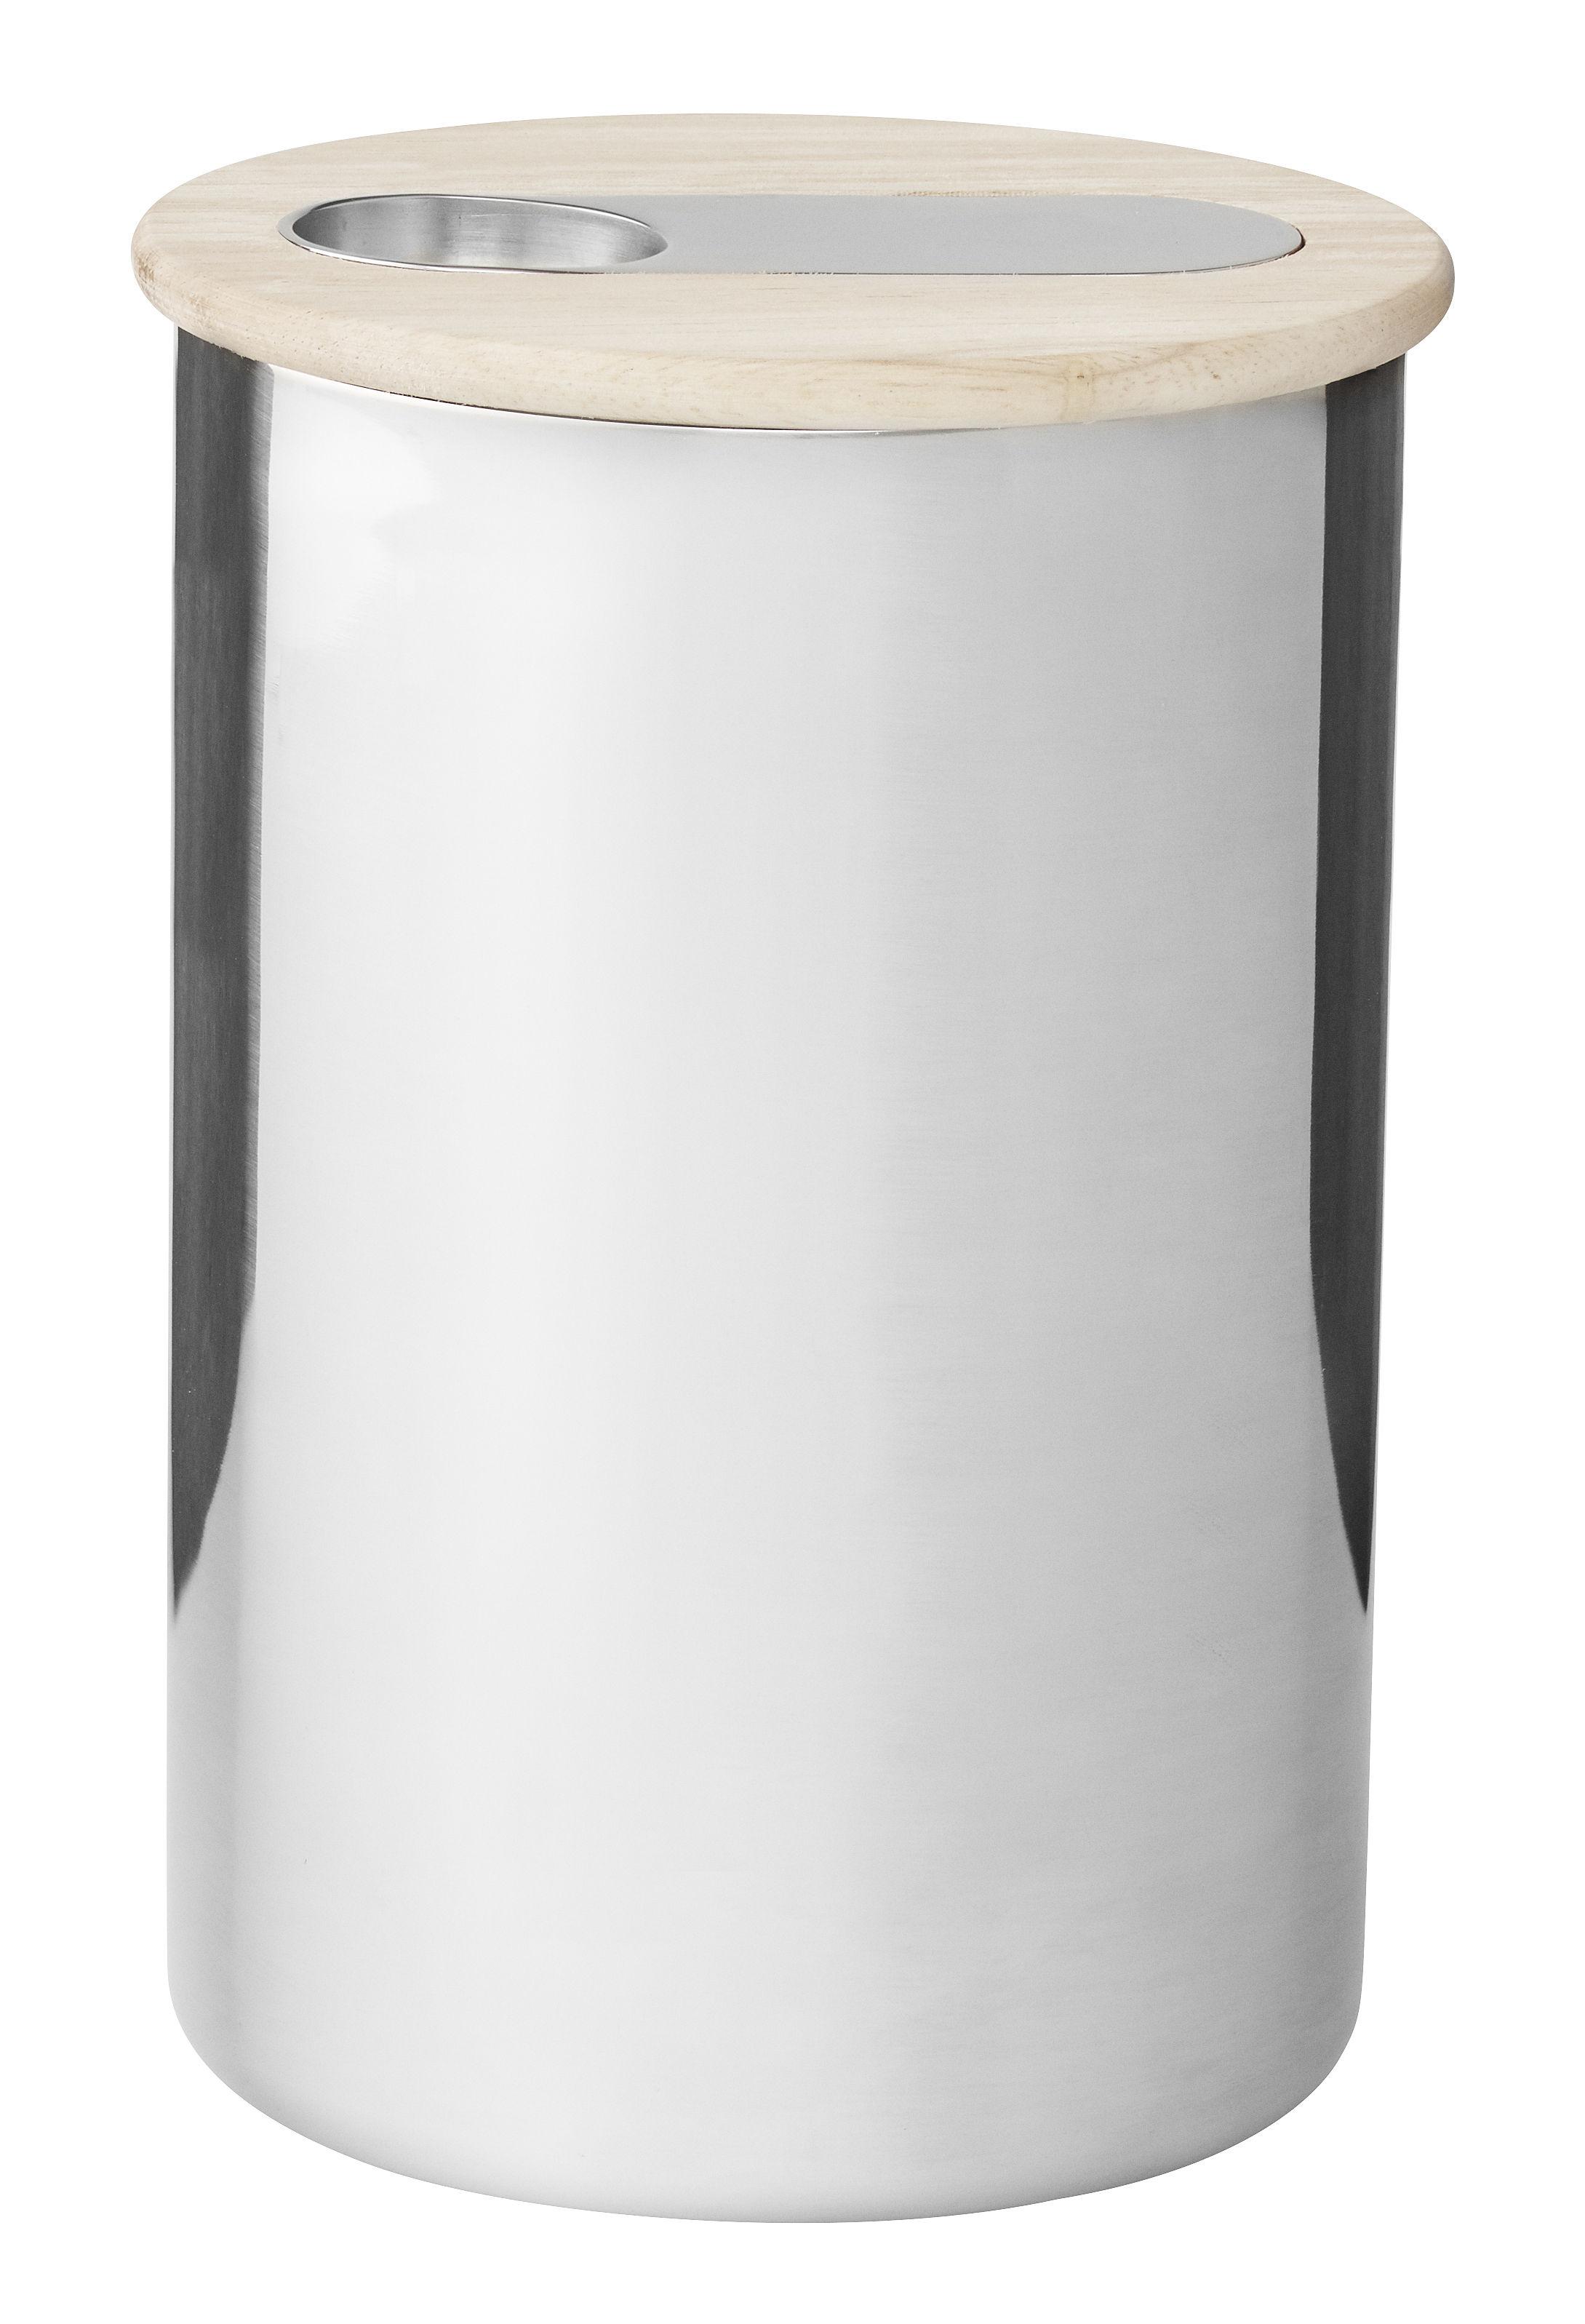 Cucina - Lattine, Pentole e Vasi - Contenitore ermetico Scoop / Per caffé - Cucchiaio integrato - Stelton - 500 gr / Acciaio & legno - Acciaio inossidabile lucido, Gomma, Legno